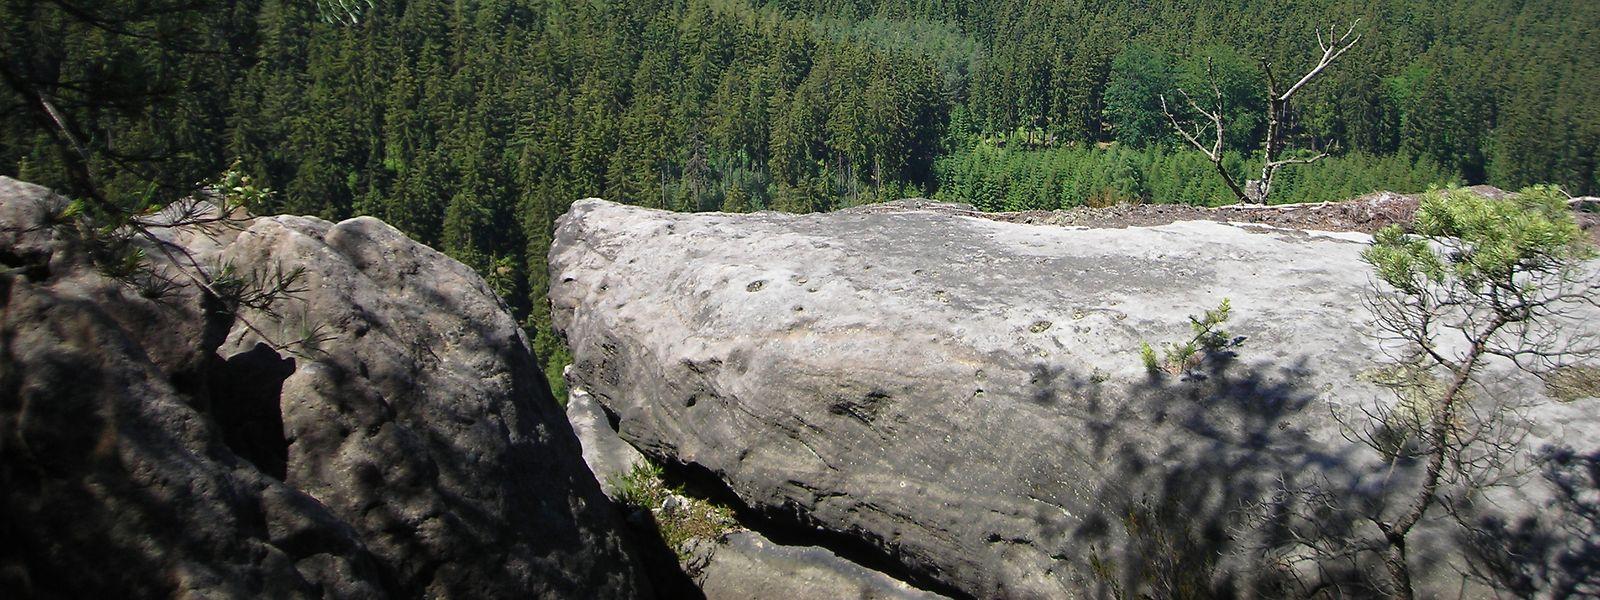 Der Unfall geschah auf dem 253 Meter hohen Berg Gamrig in der Sächsischen Schweiz.